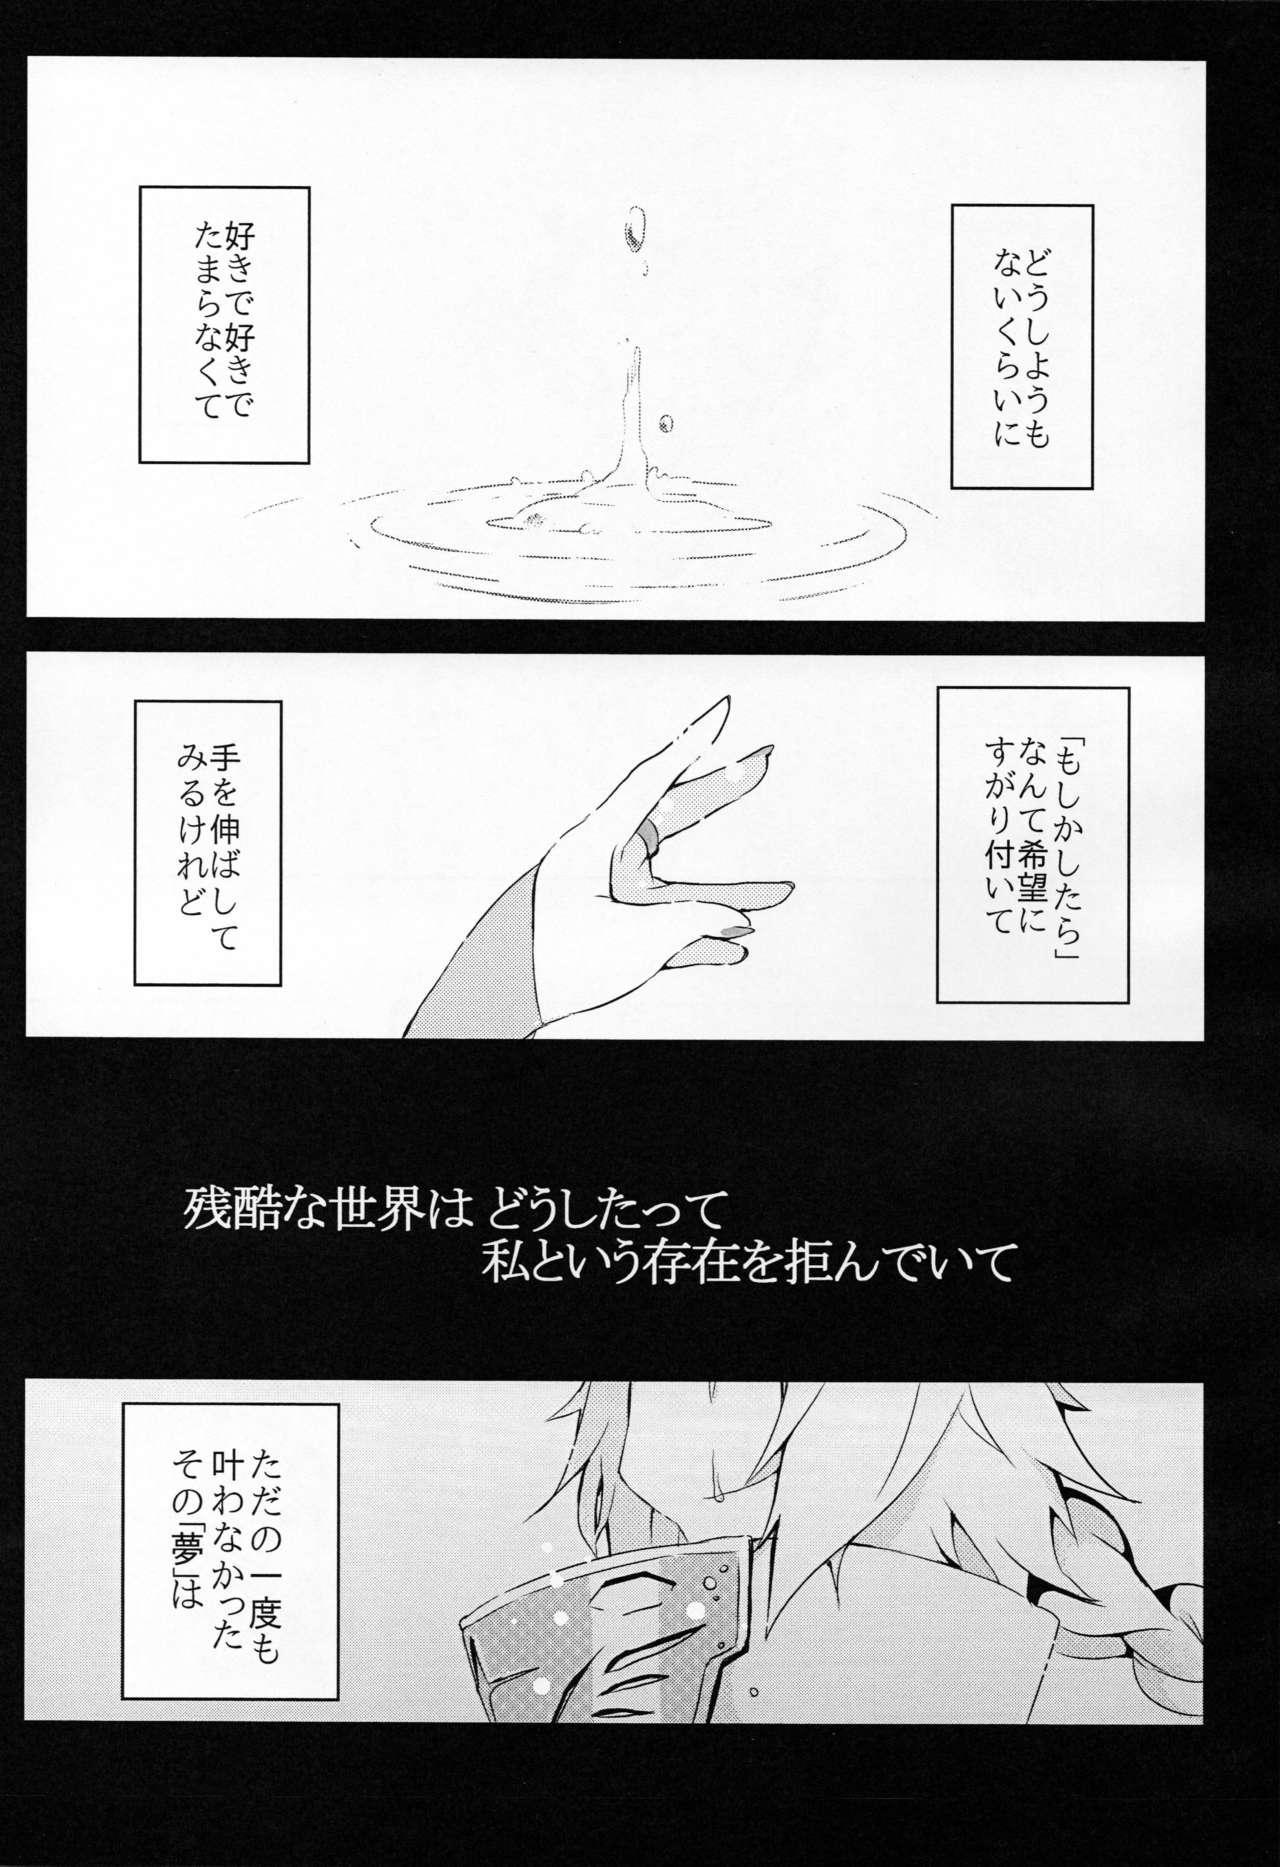 Ningyou no Miru Yume wa 3